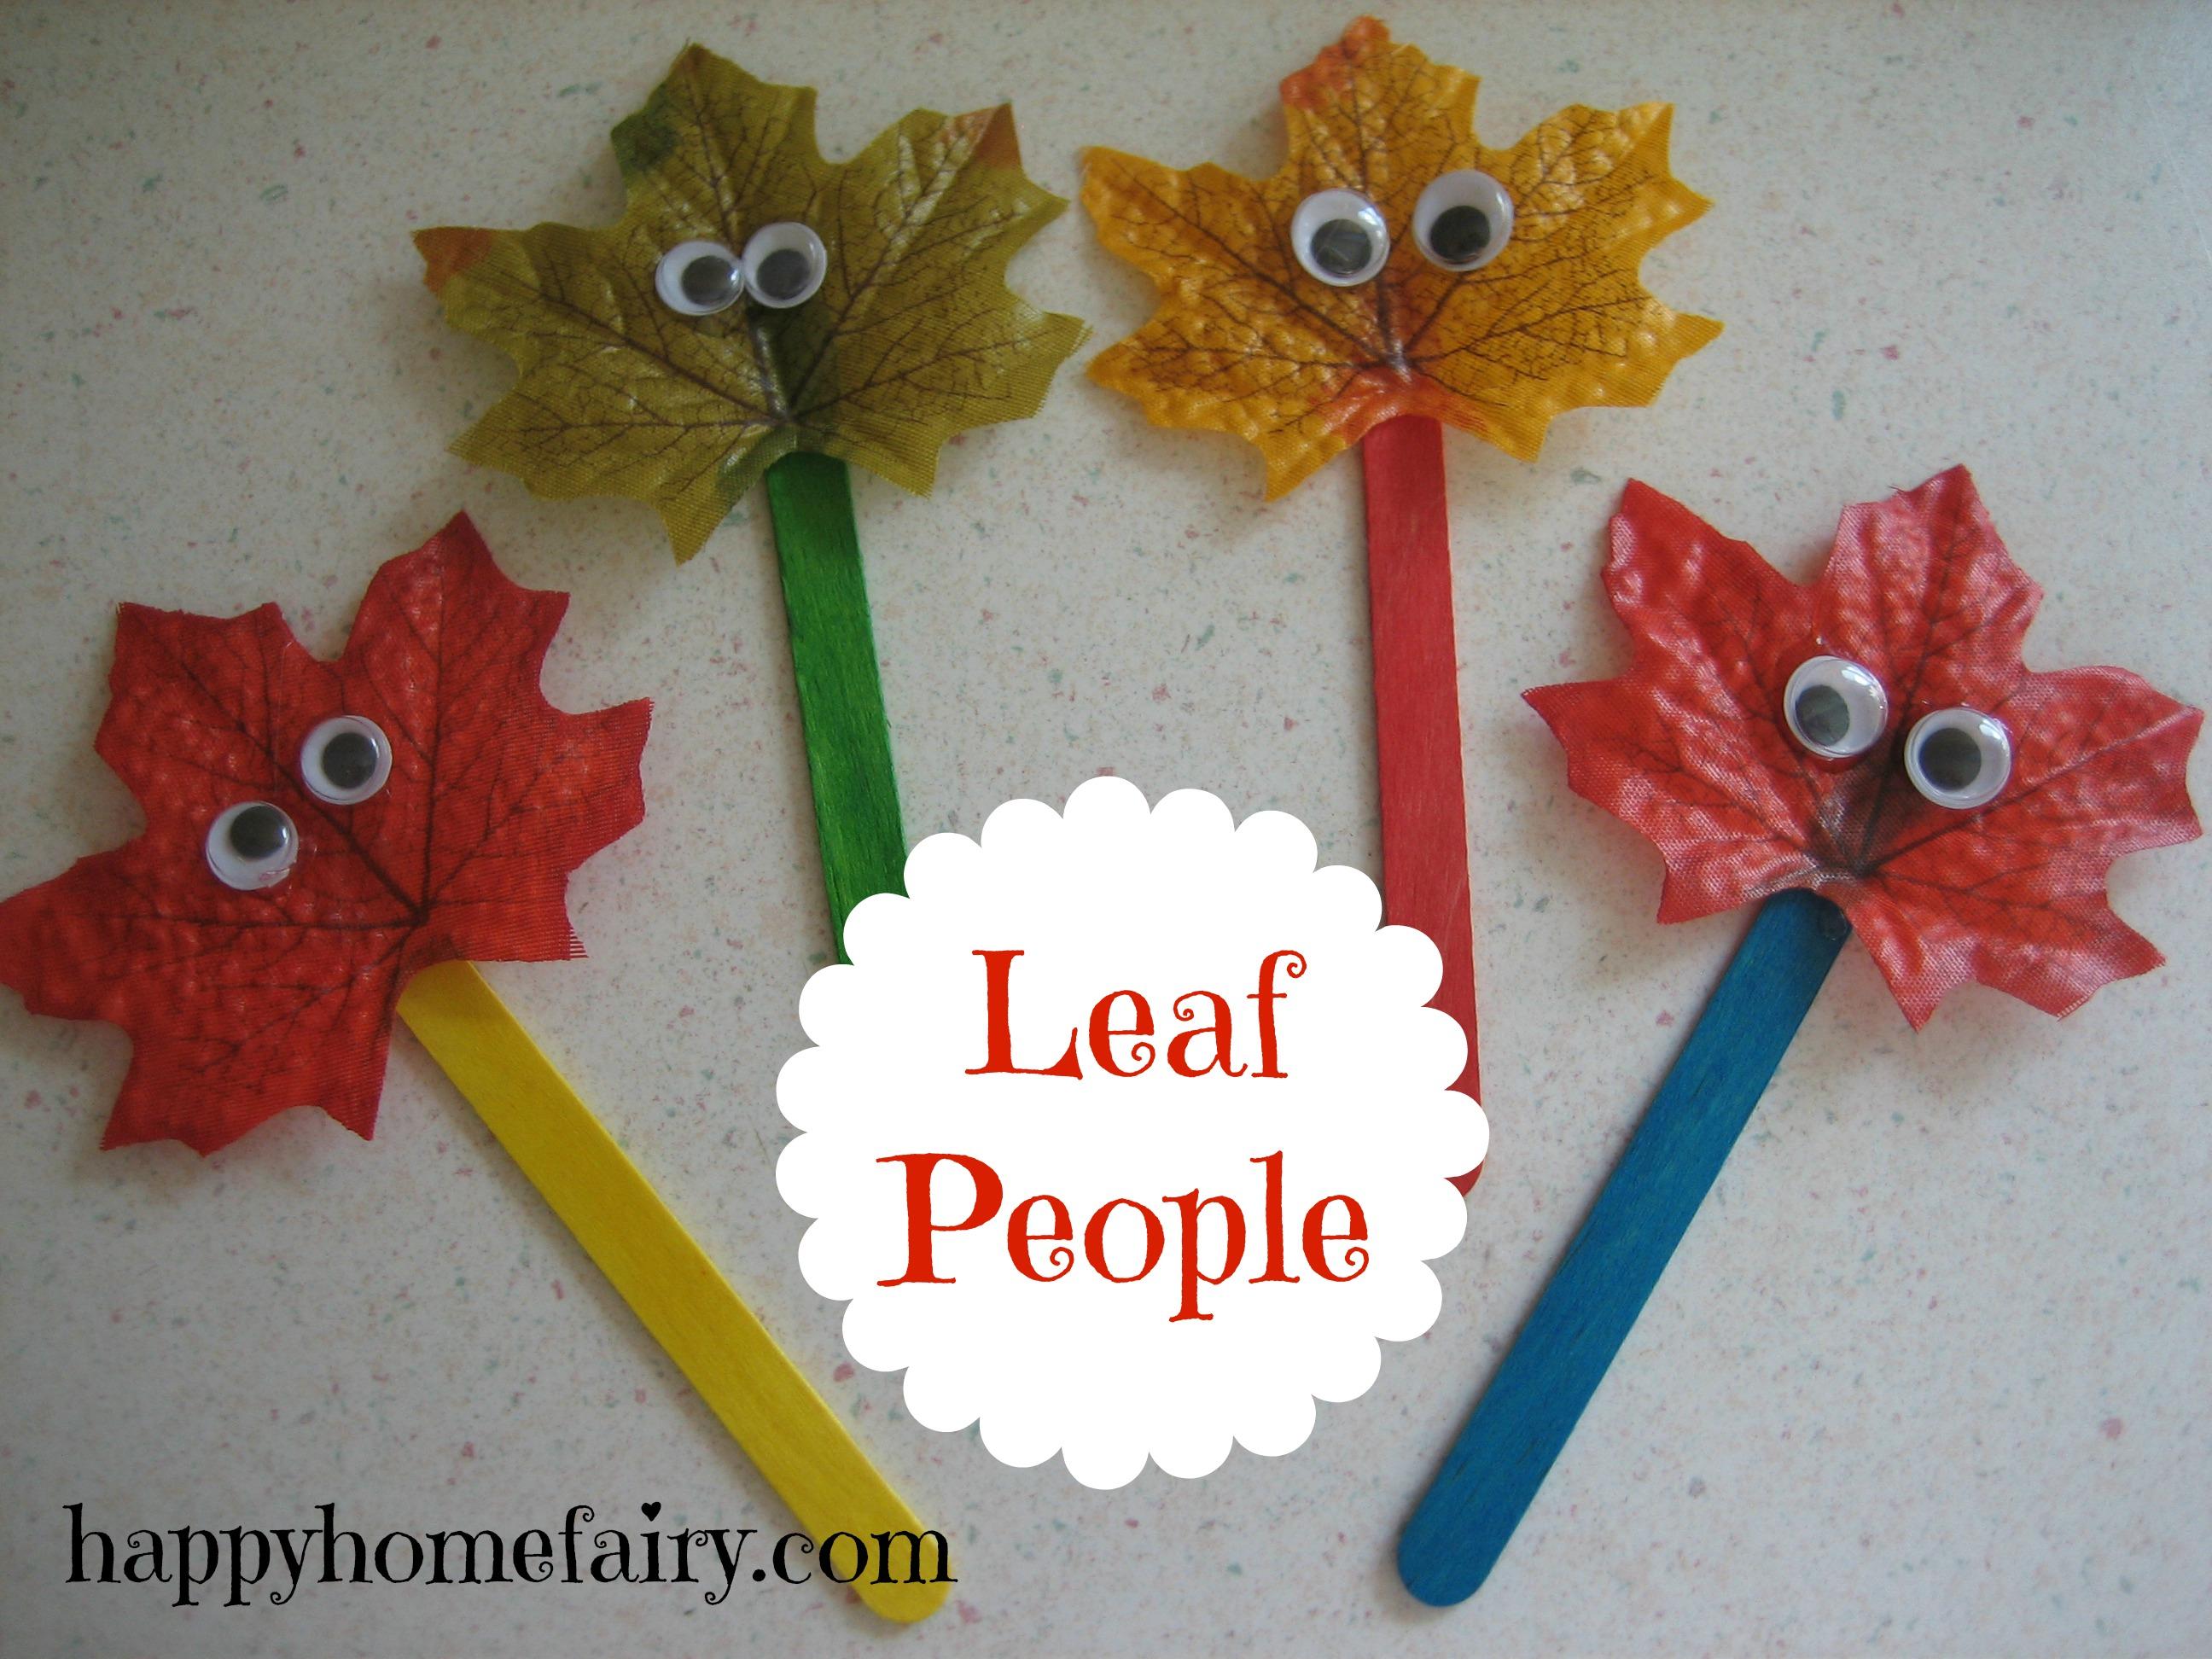 Leaf People